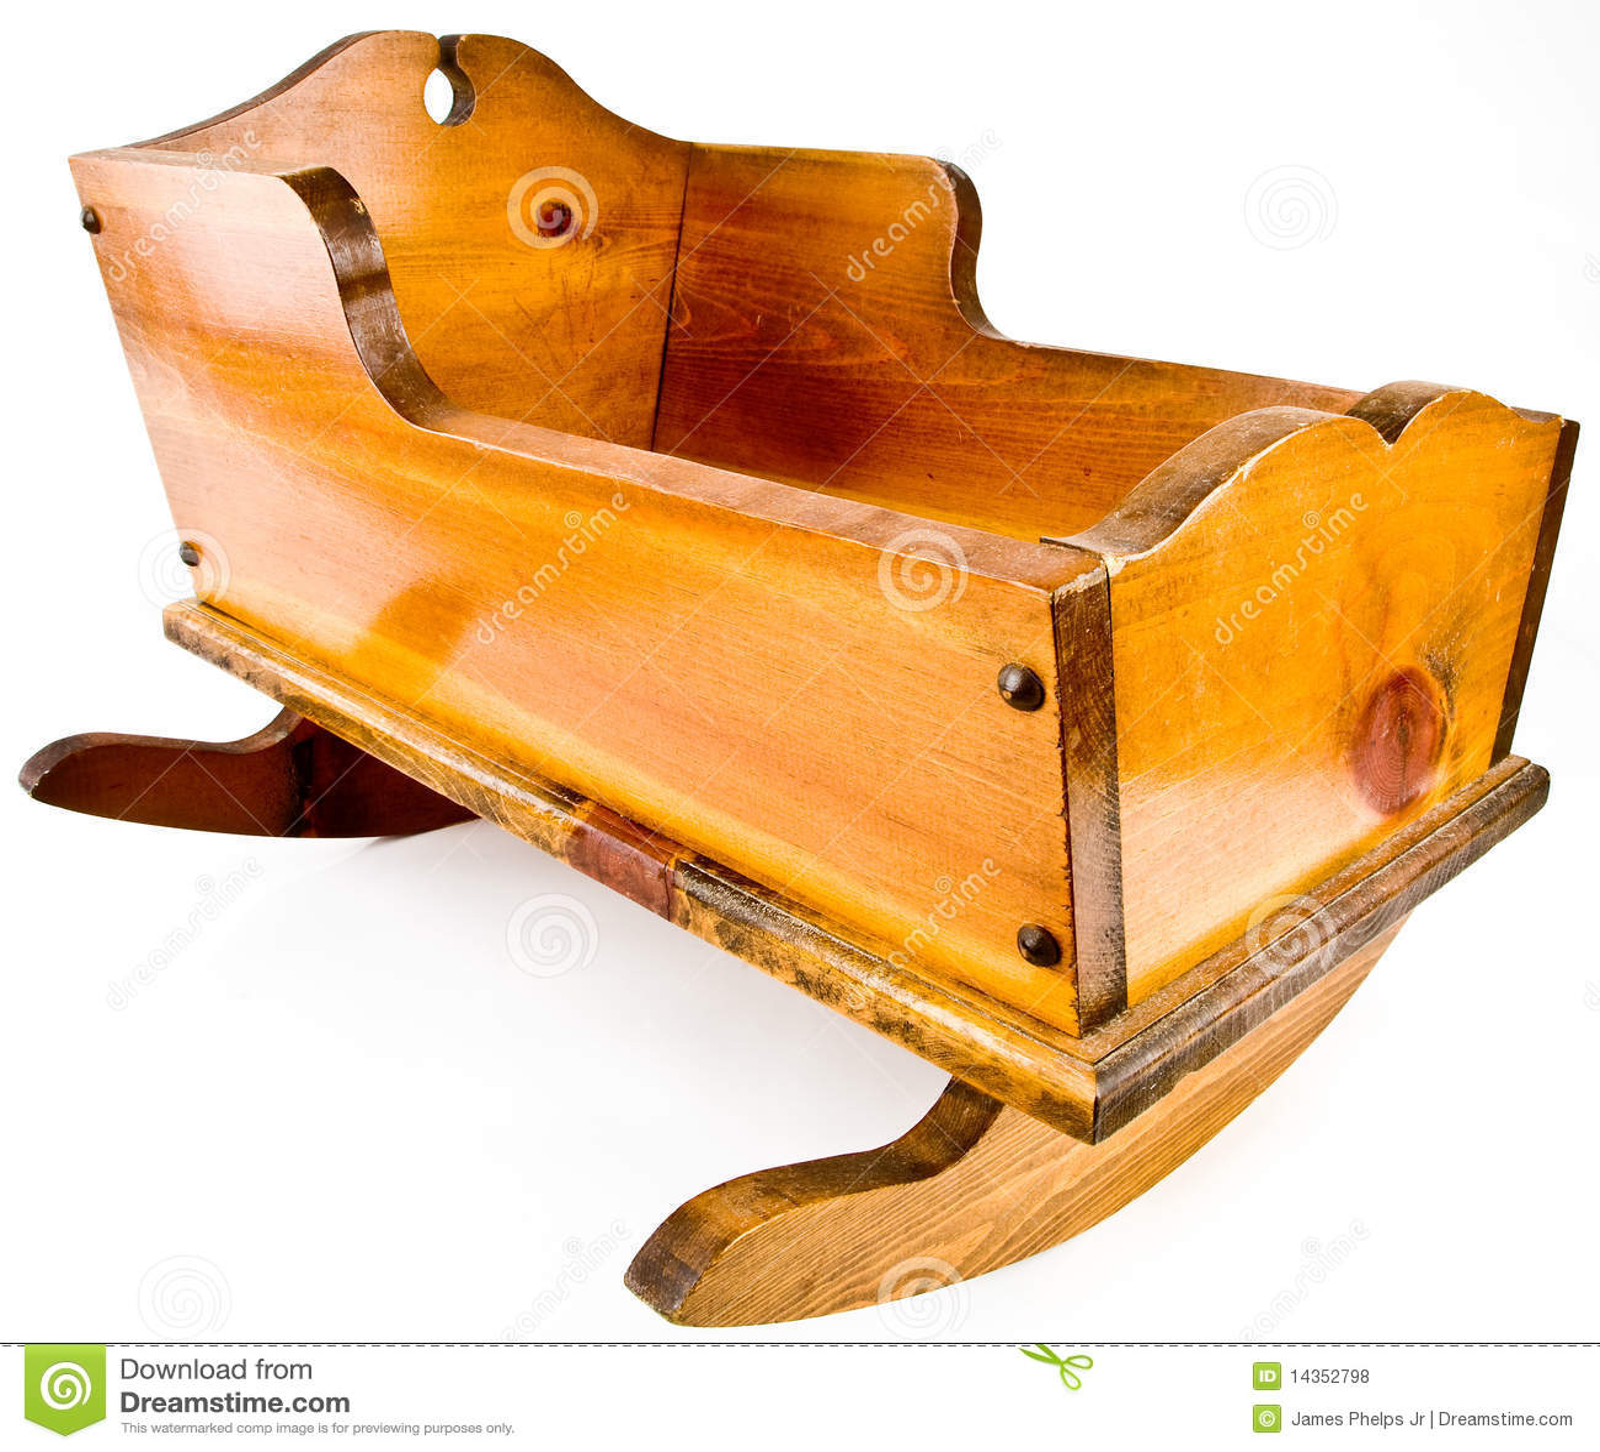 晃动实体木材的摇篮小儿床